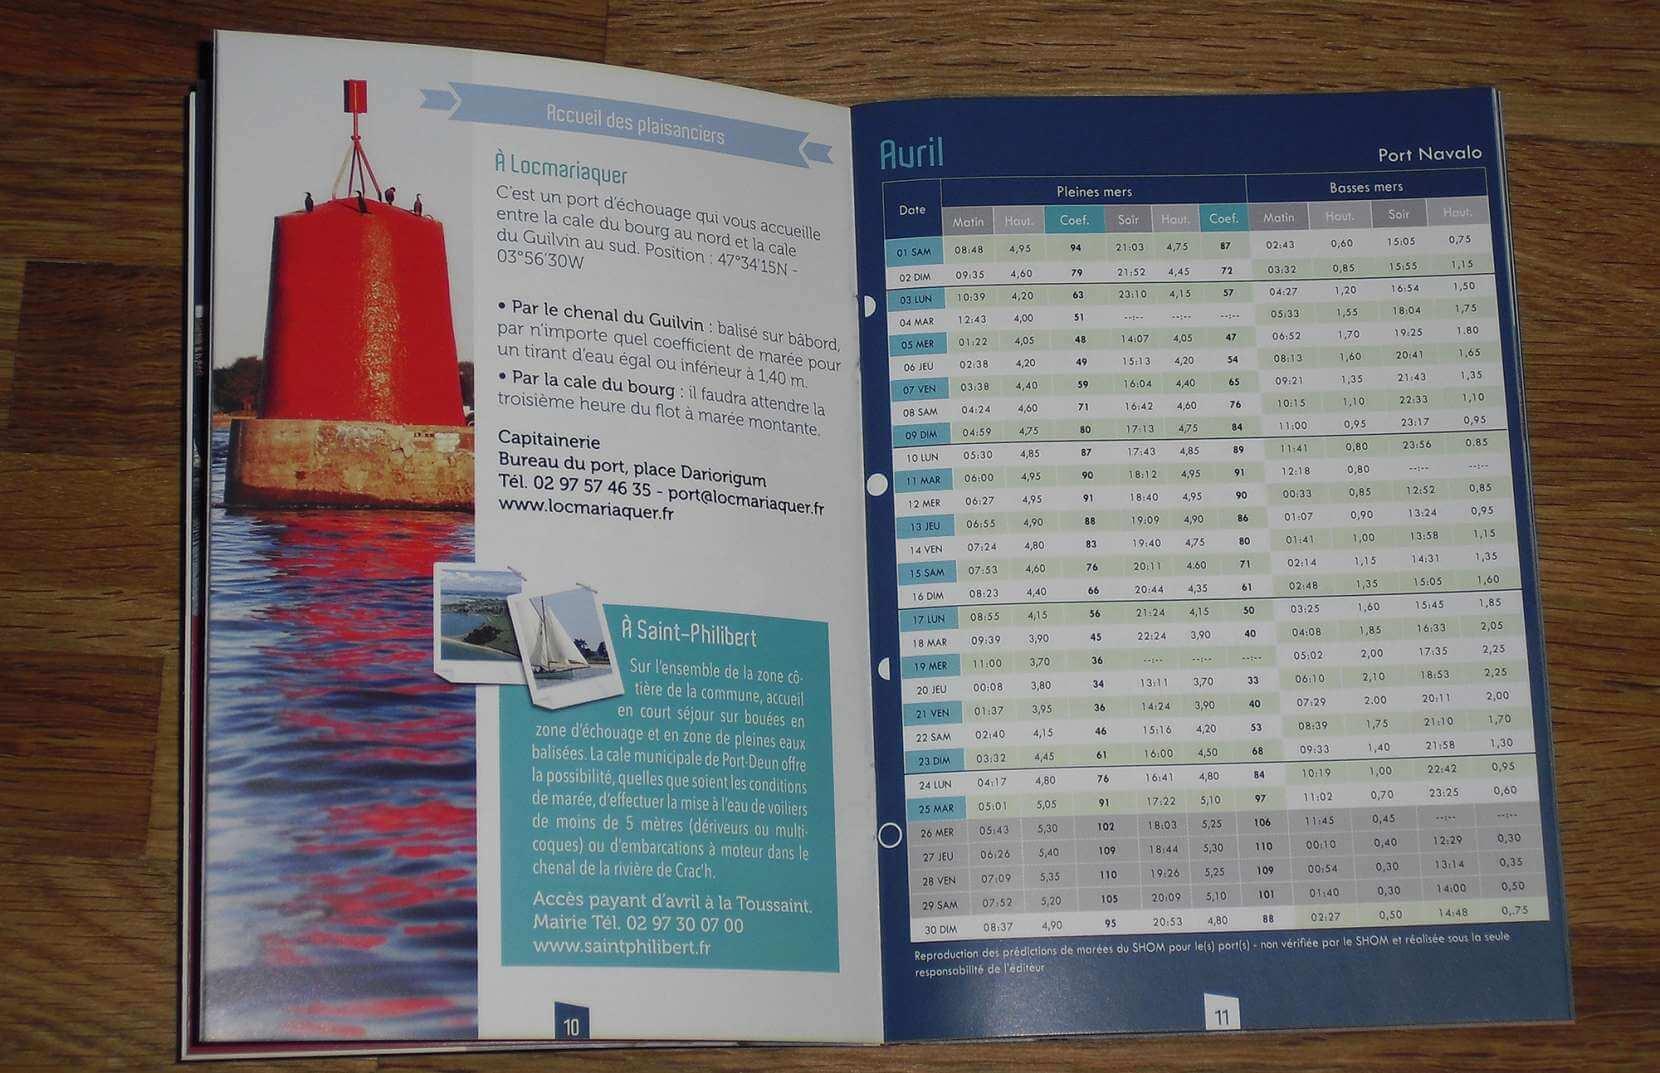 OT-loc-brochure4-1660x1073.jpg